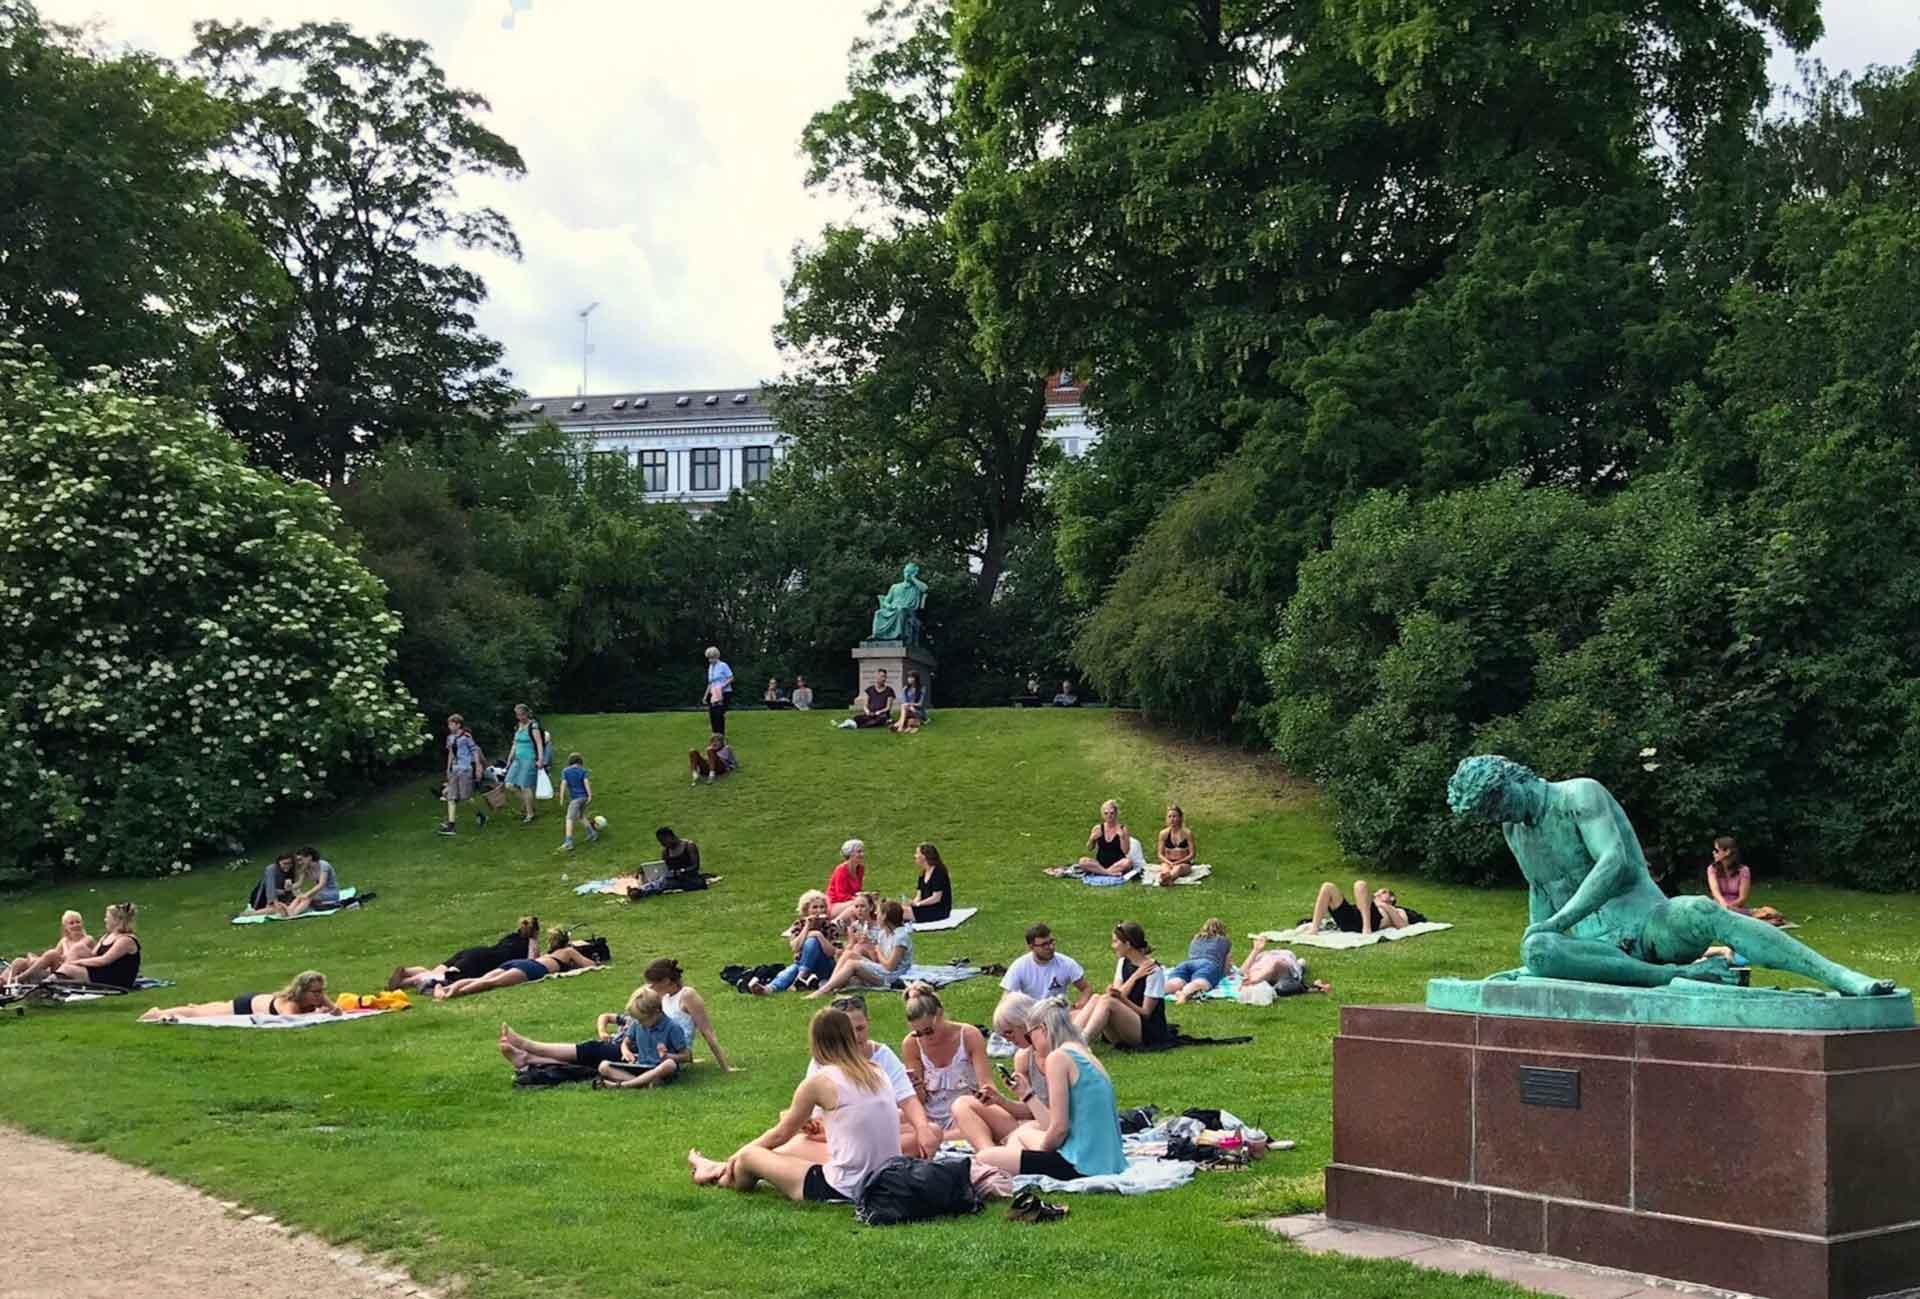 Ørstedsparken Copenhagen with a baby